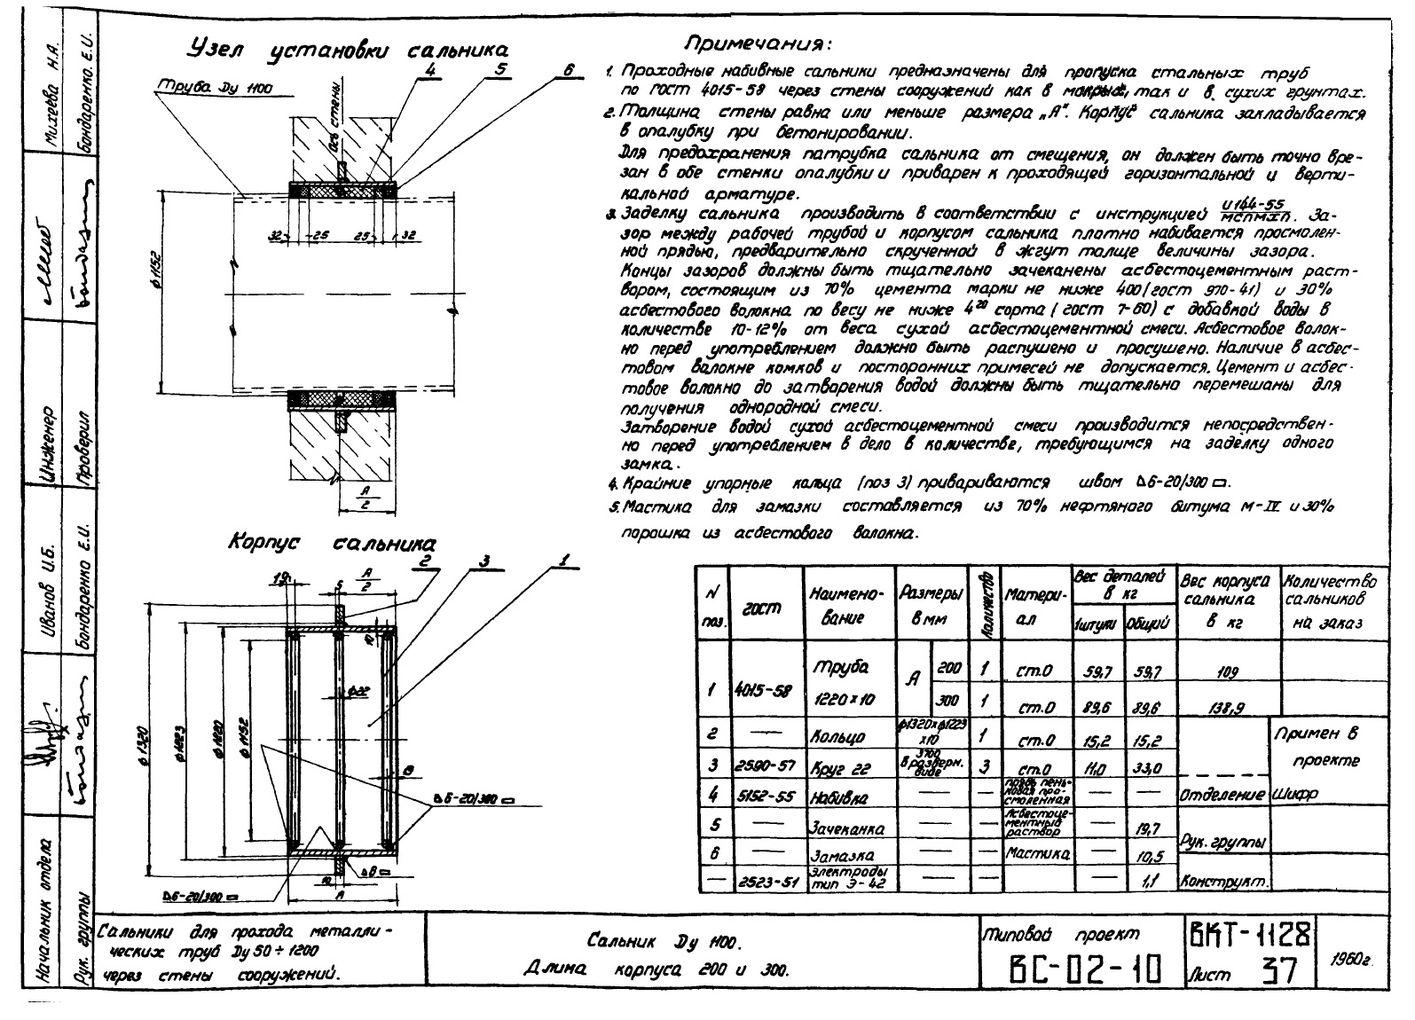 Сальники набивные L = 300 мм типовой проект ВС-02-10 стр.18